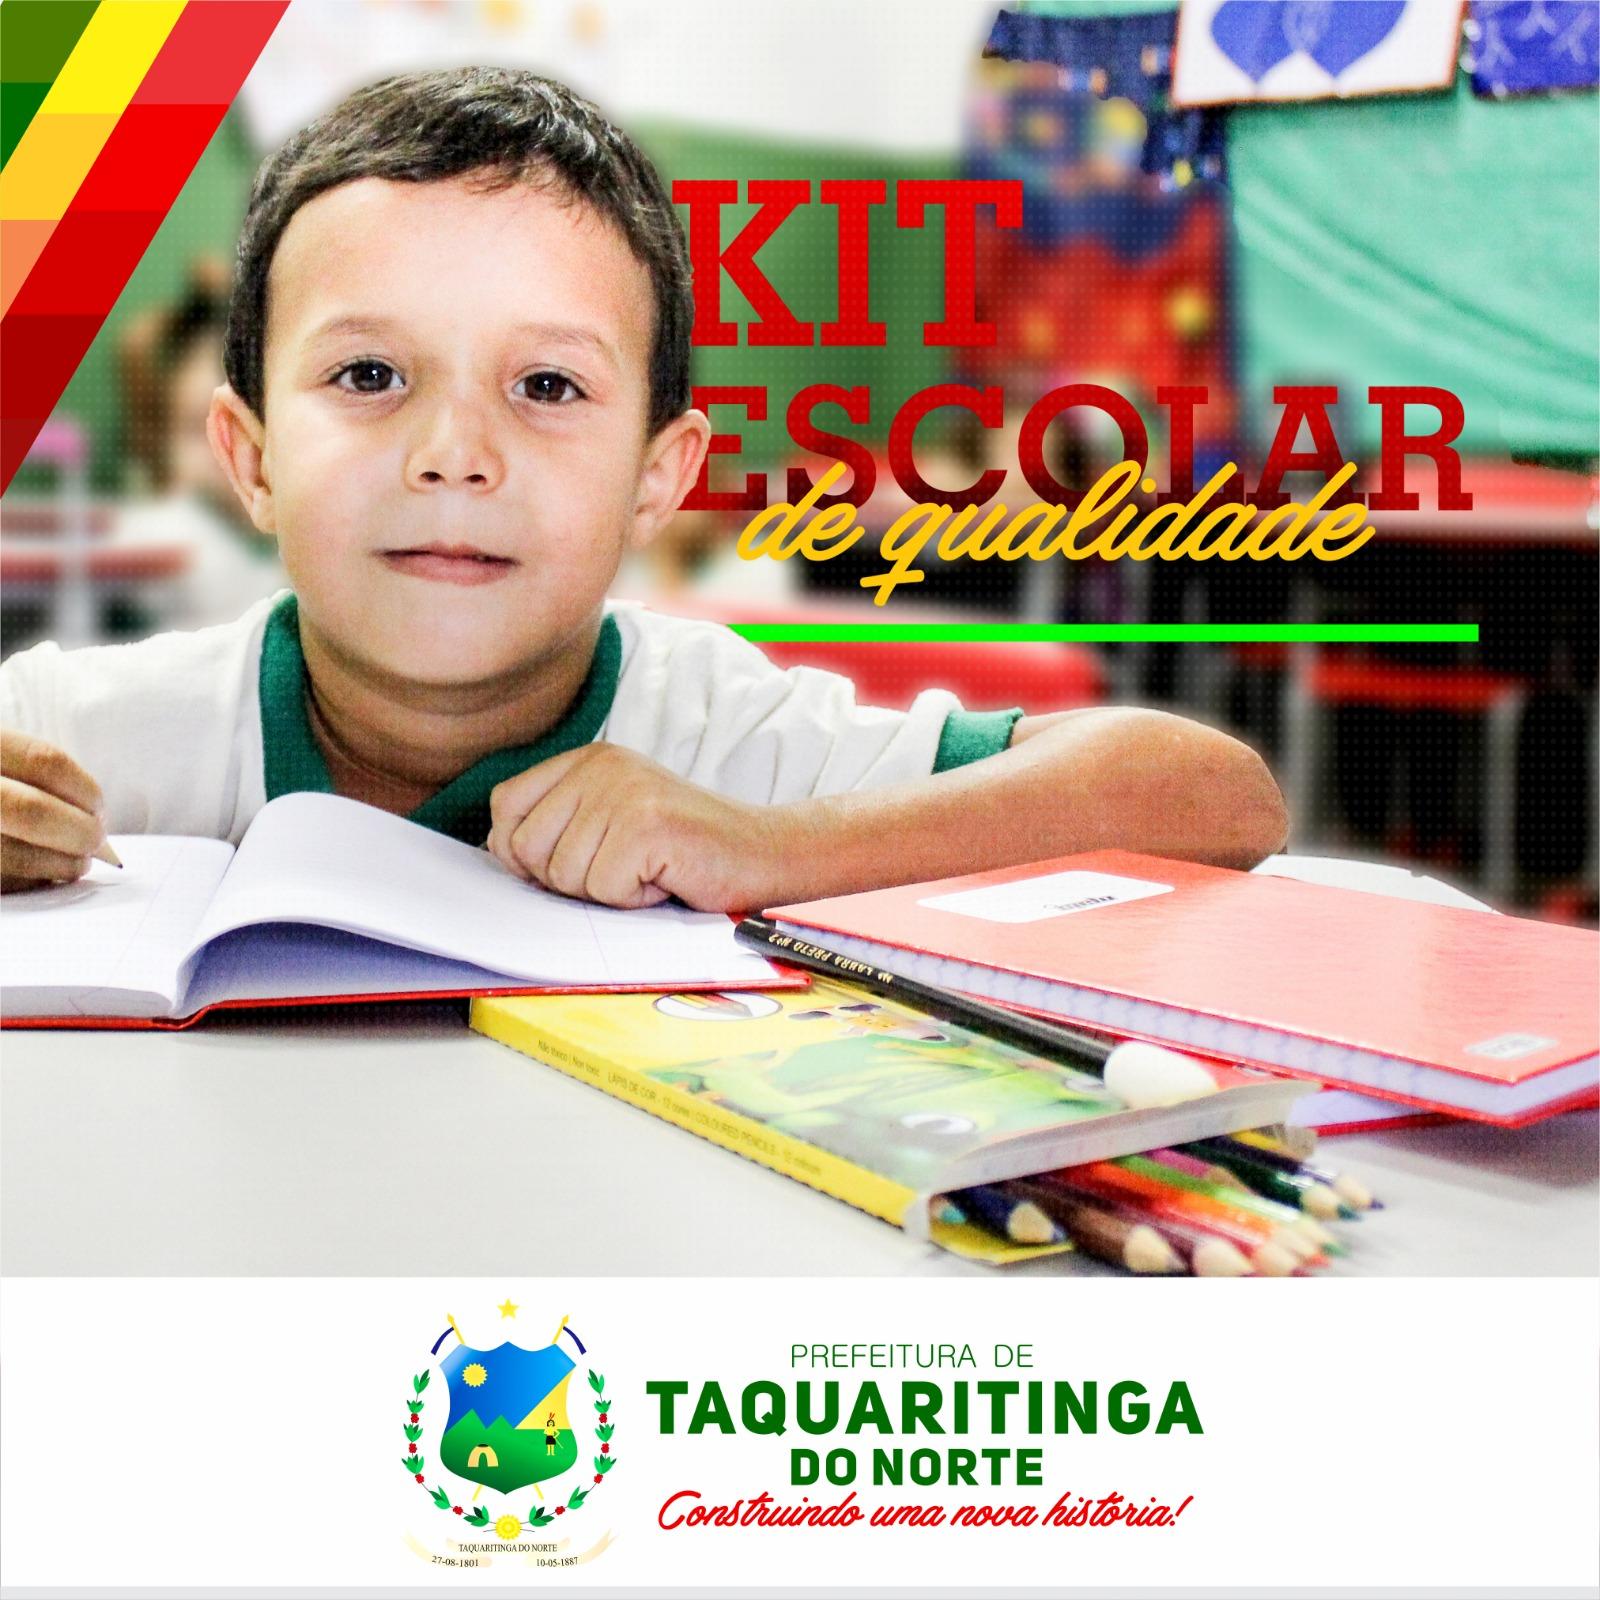 distribuição de kits escolares